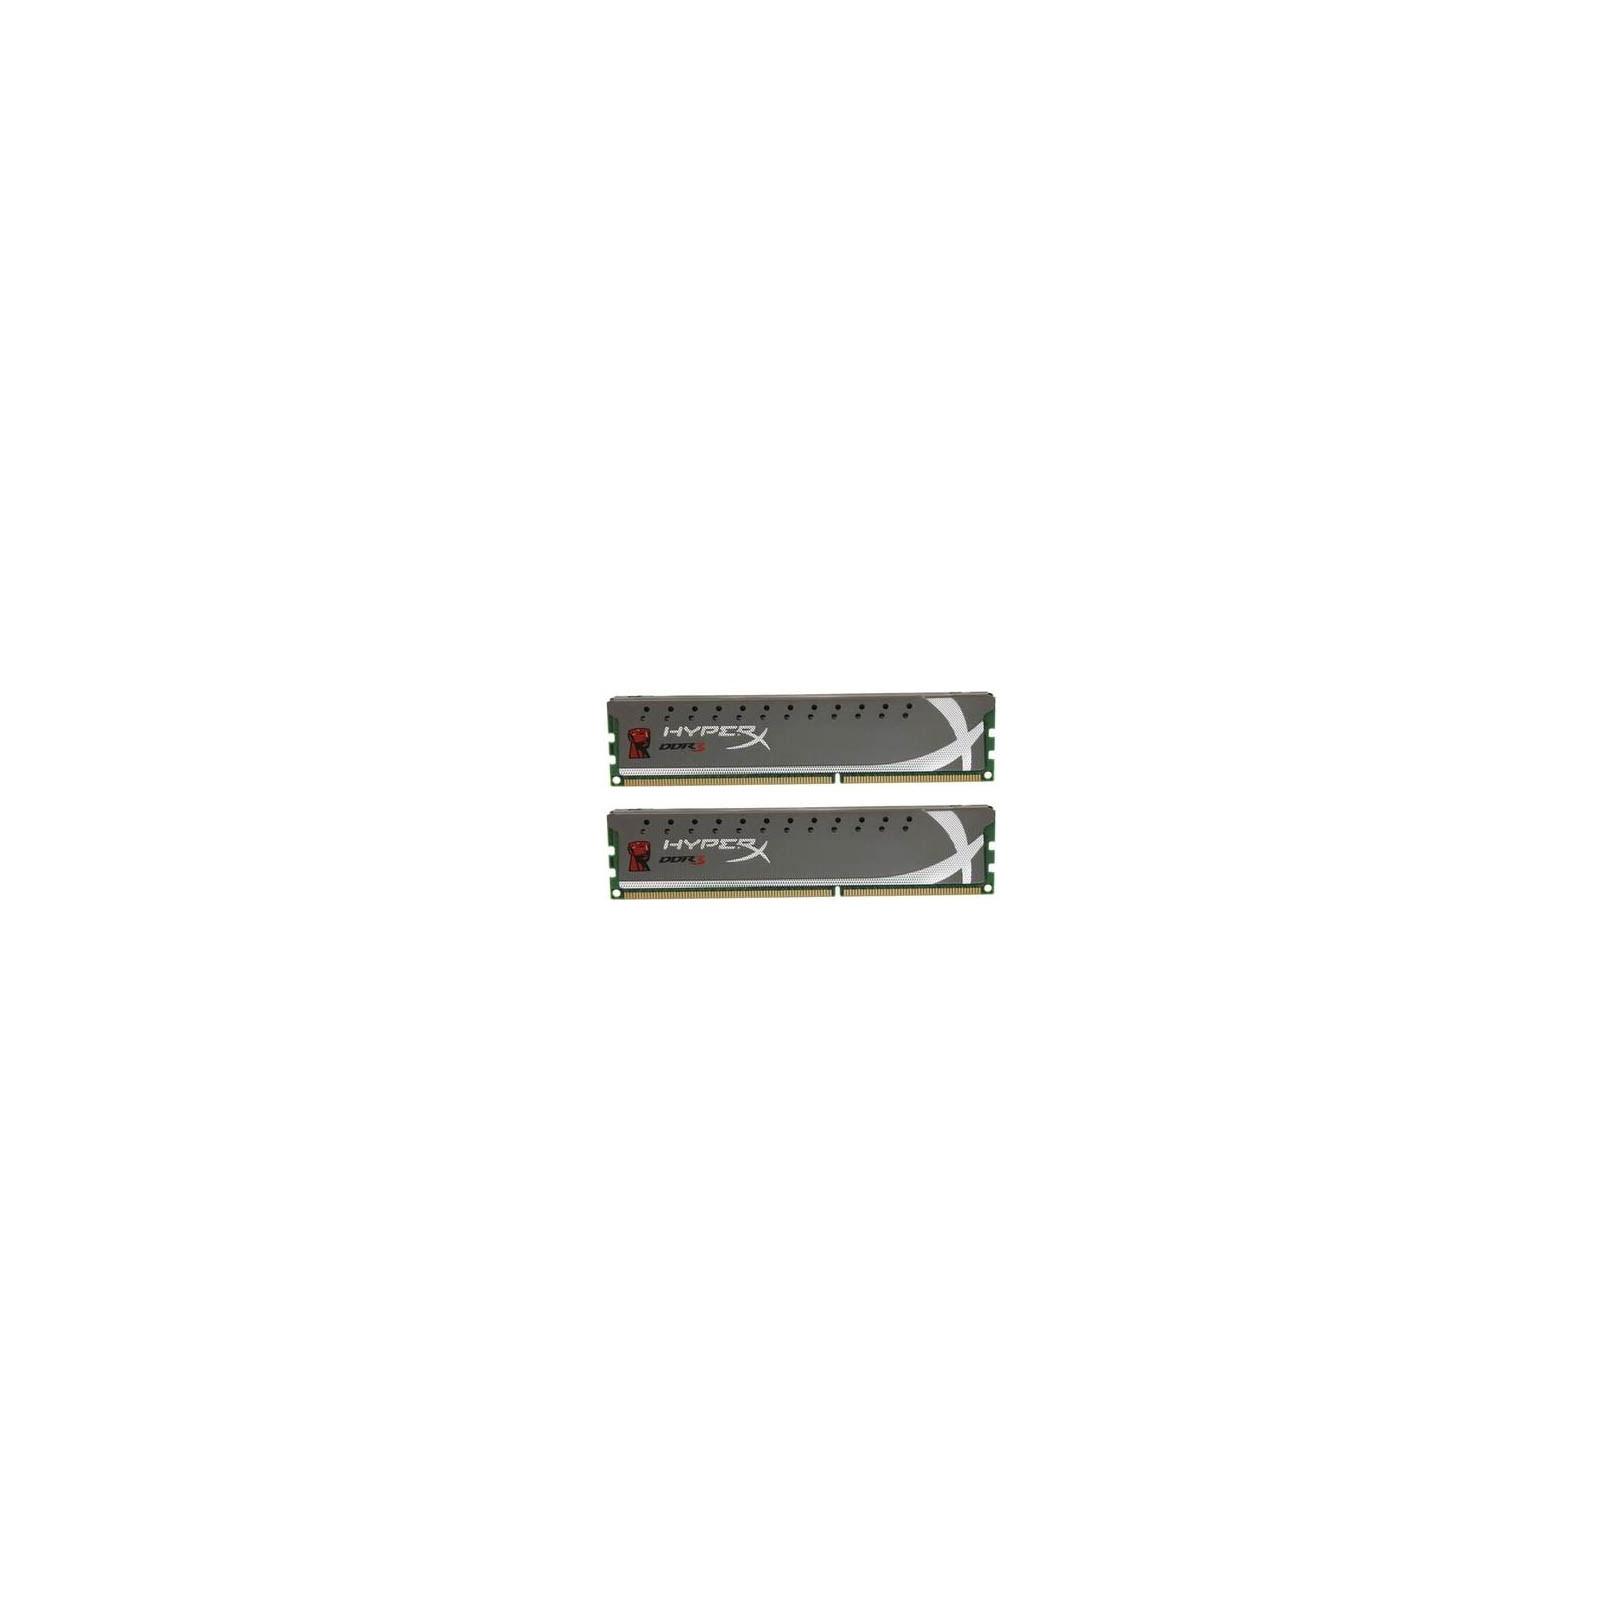 Модуль памяти для компьютера DDR3 16GB (2x8GB) 1600 MHz Kingston (KHX16C9P1K2/16)